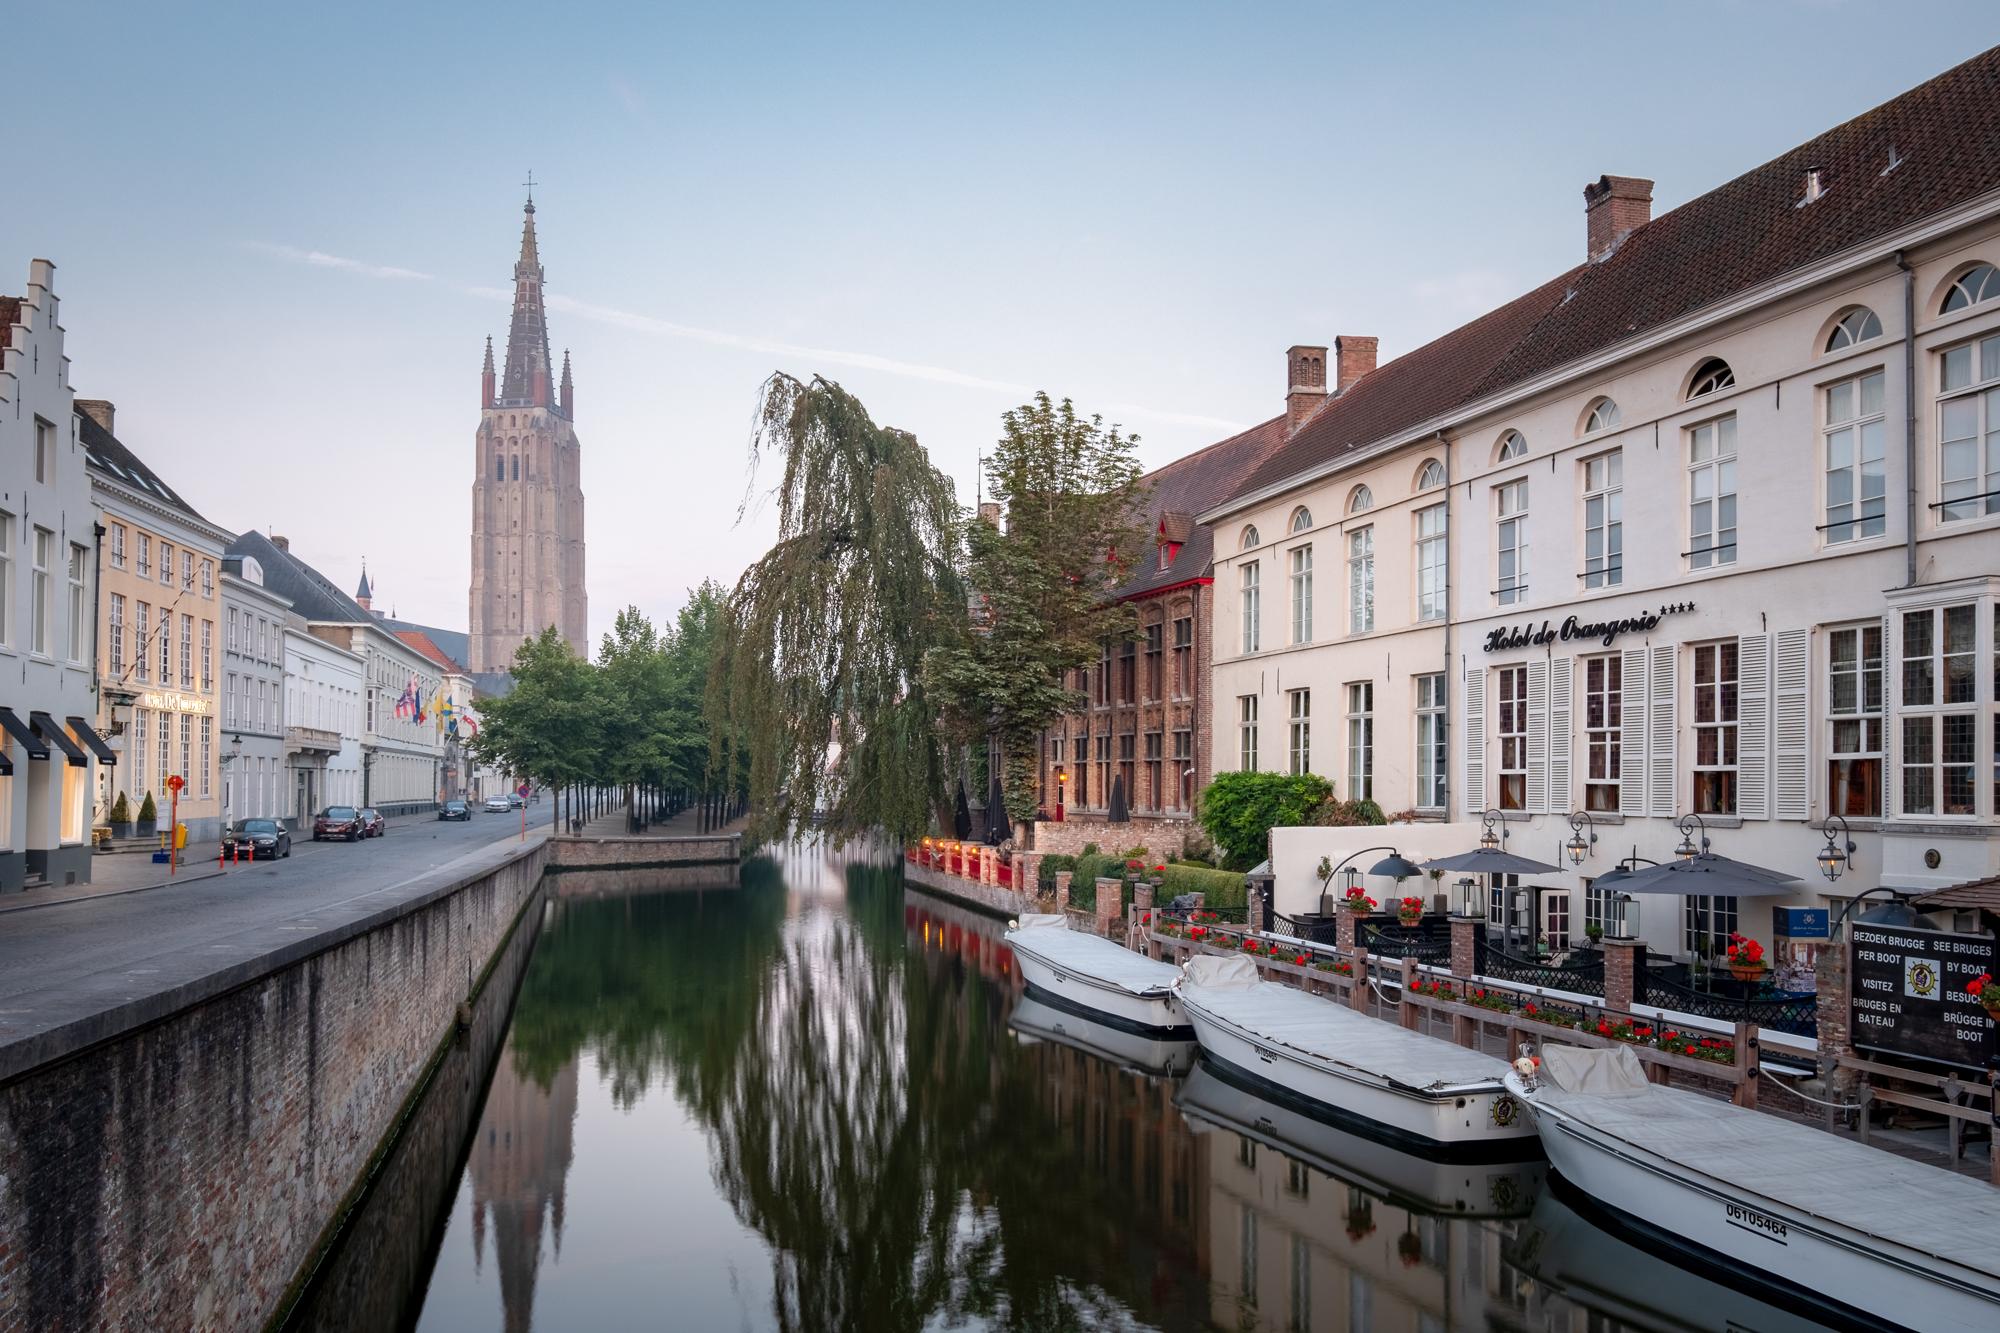 180722 - Bruges - Sunrise - Dijver Canal 003.jpg